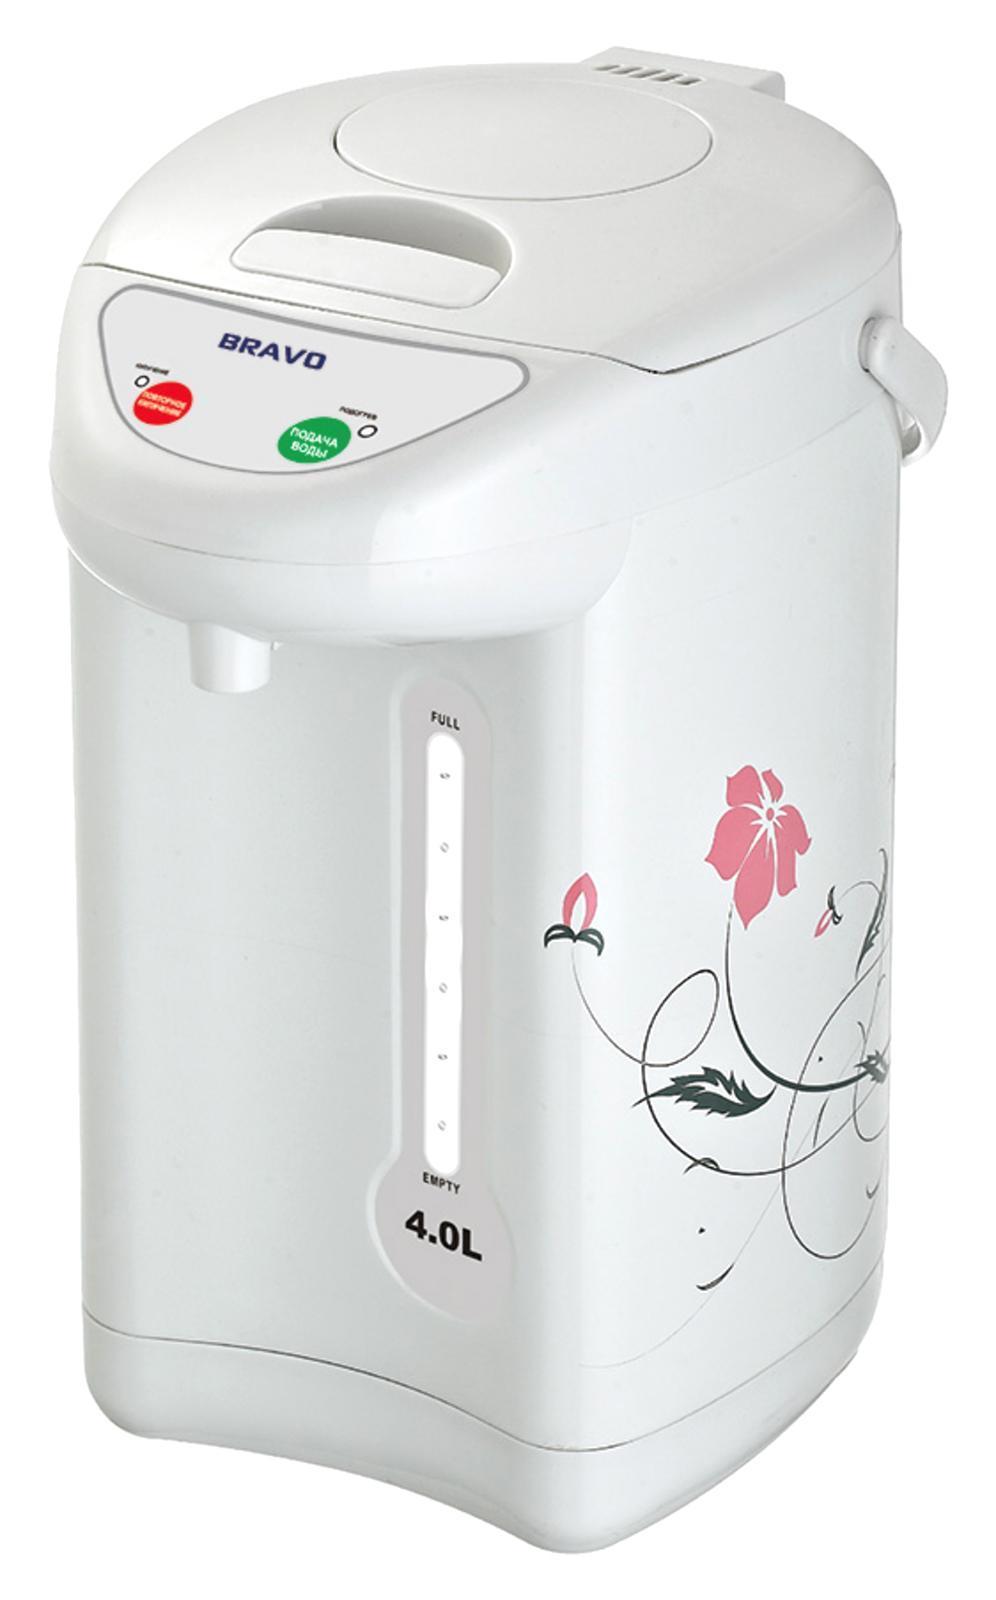 Bravo TL-40F термопот4627090740270Мощность: 800 ВтОбъем: 4 лПоворот на 360грВнутренняя емкость: нержавеющая стальФункция повторного кипячения Подача воды: 3 способа (ручной/автоматический/нажатие чашкой)Поддержание температурыЗащита от включения без воды Шкала уровня воды